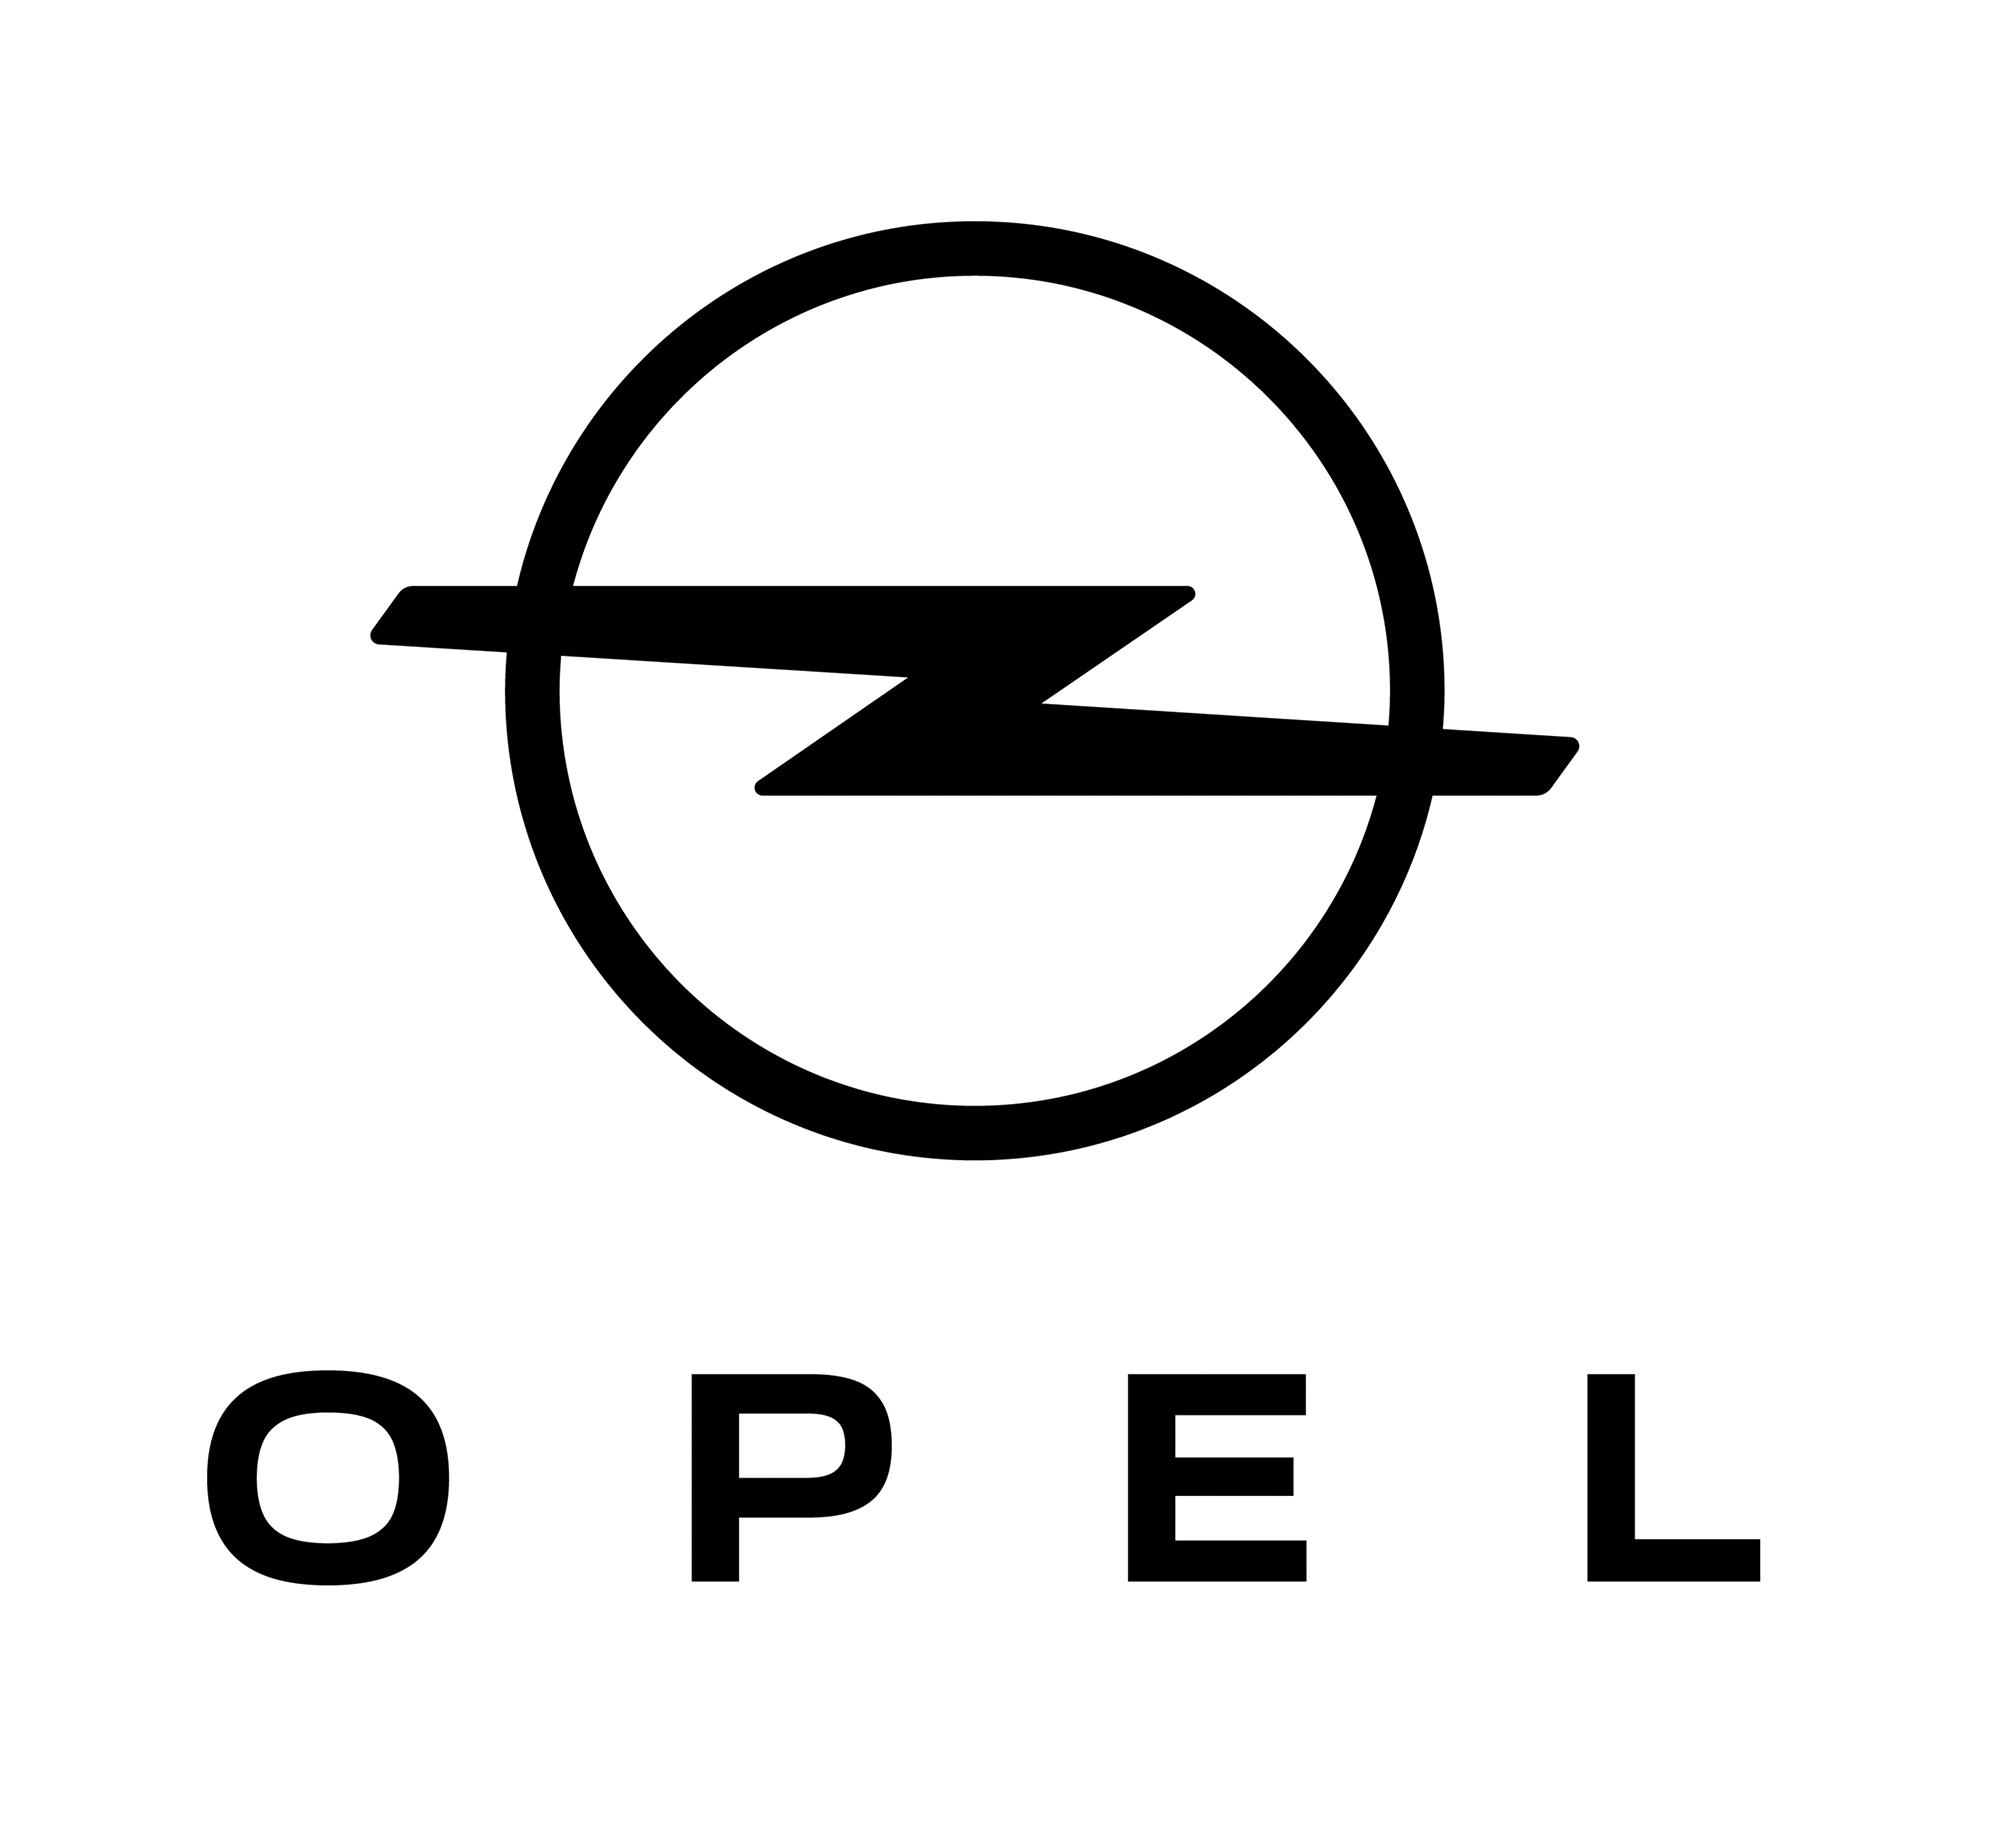 Opel: scopri tutte le auto ibride o elettriche di Opel